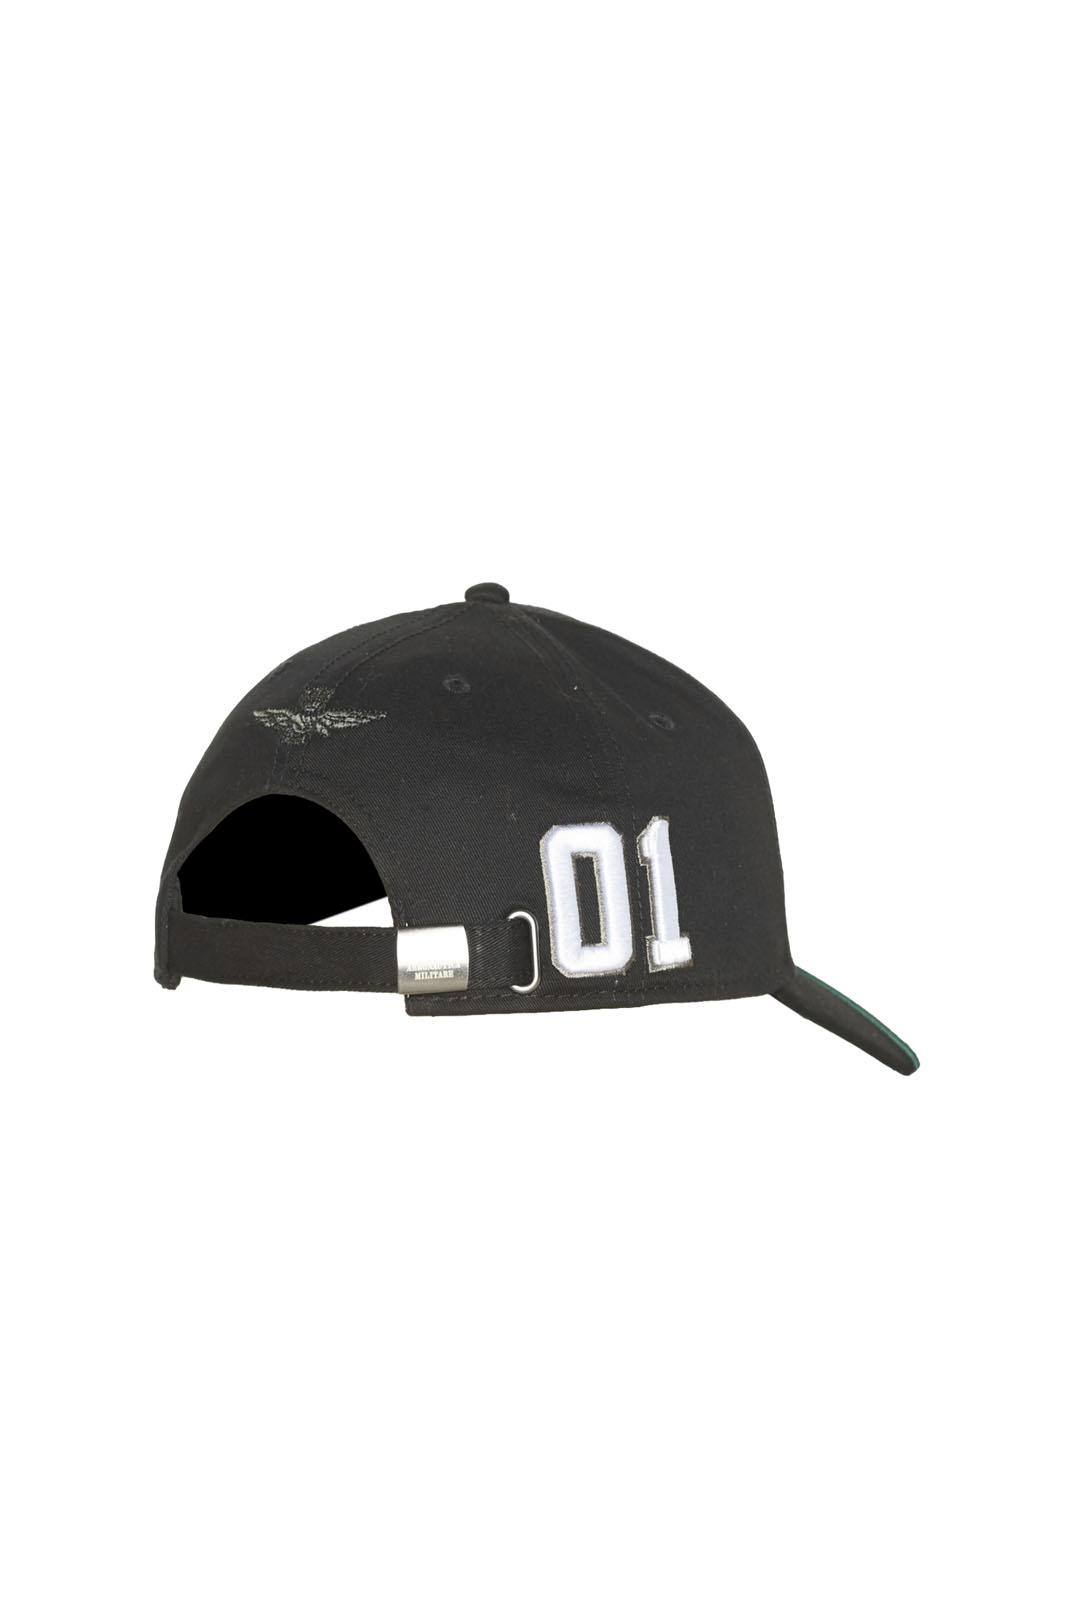 Verstellbarer Hut mit Stickereien        3